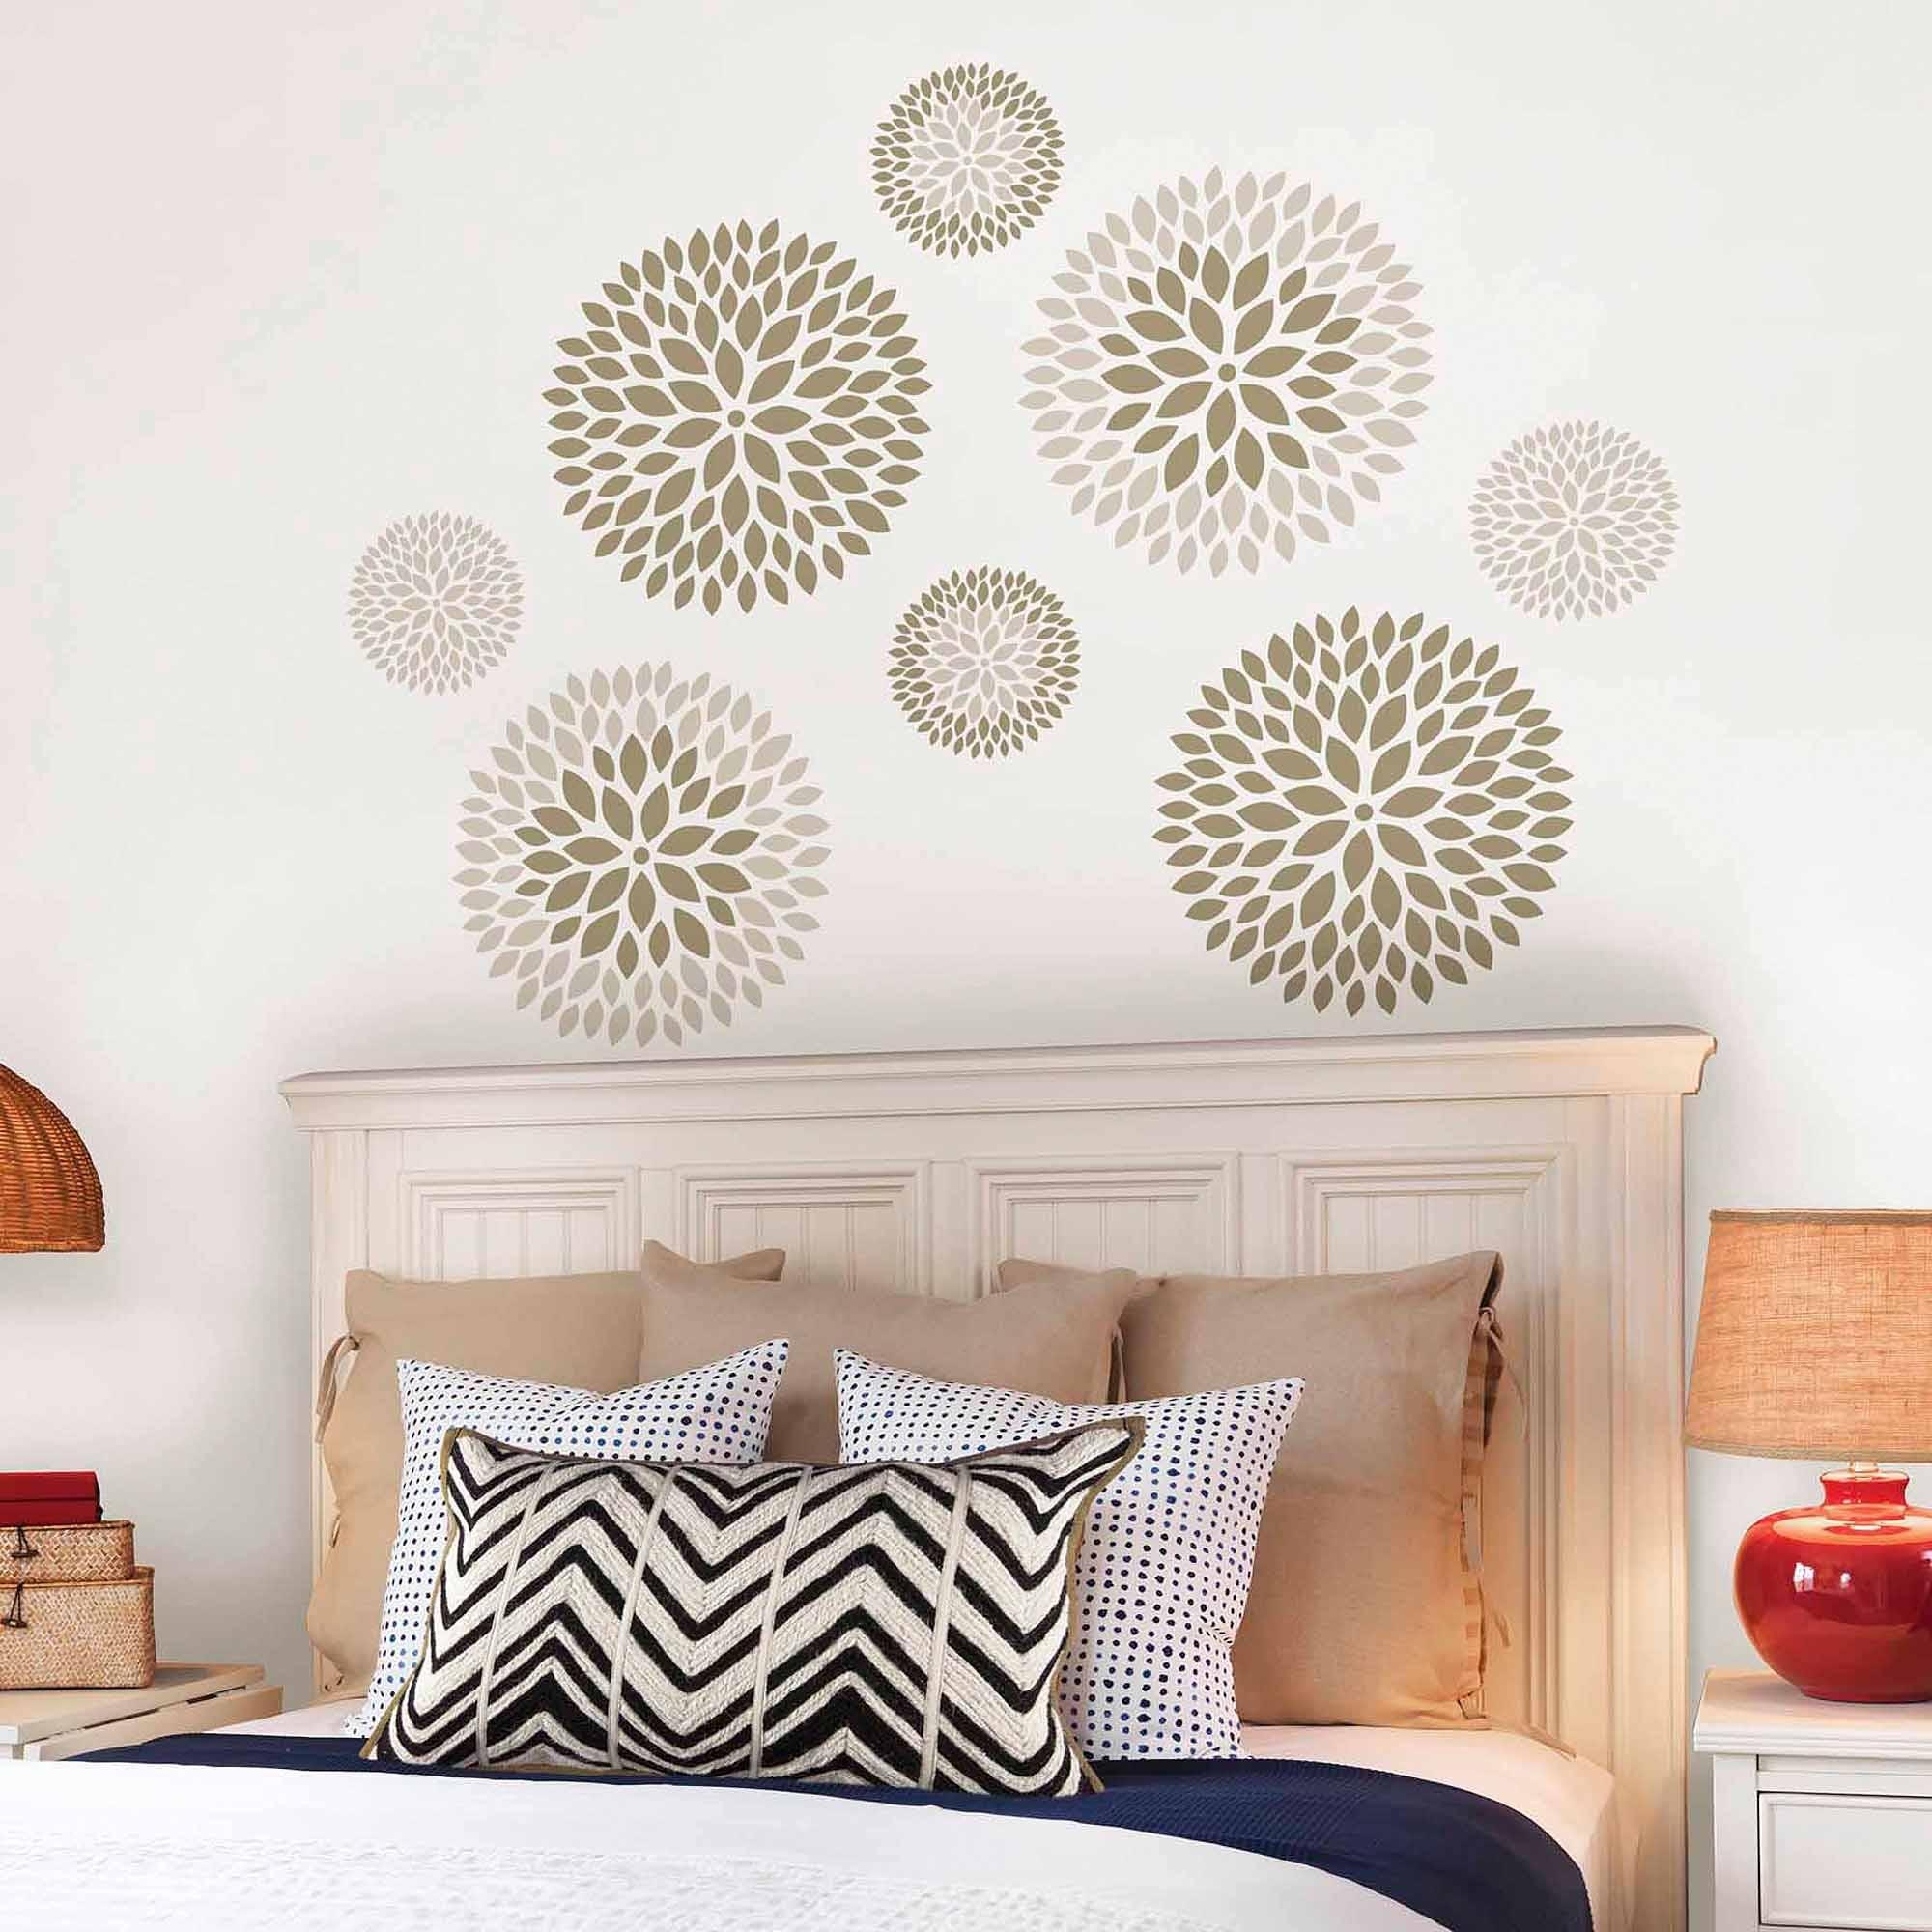 Wallpops Chrysanthemum Wall Art Decals Kit – Walmart Inside Most Recent Wall Art Decals (View 14 of 15)